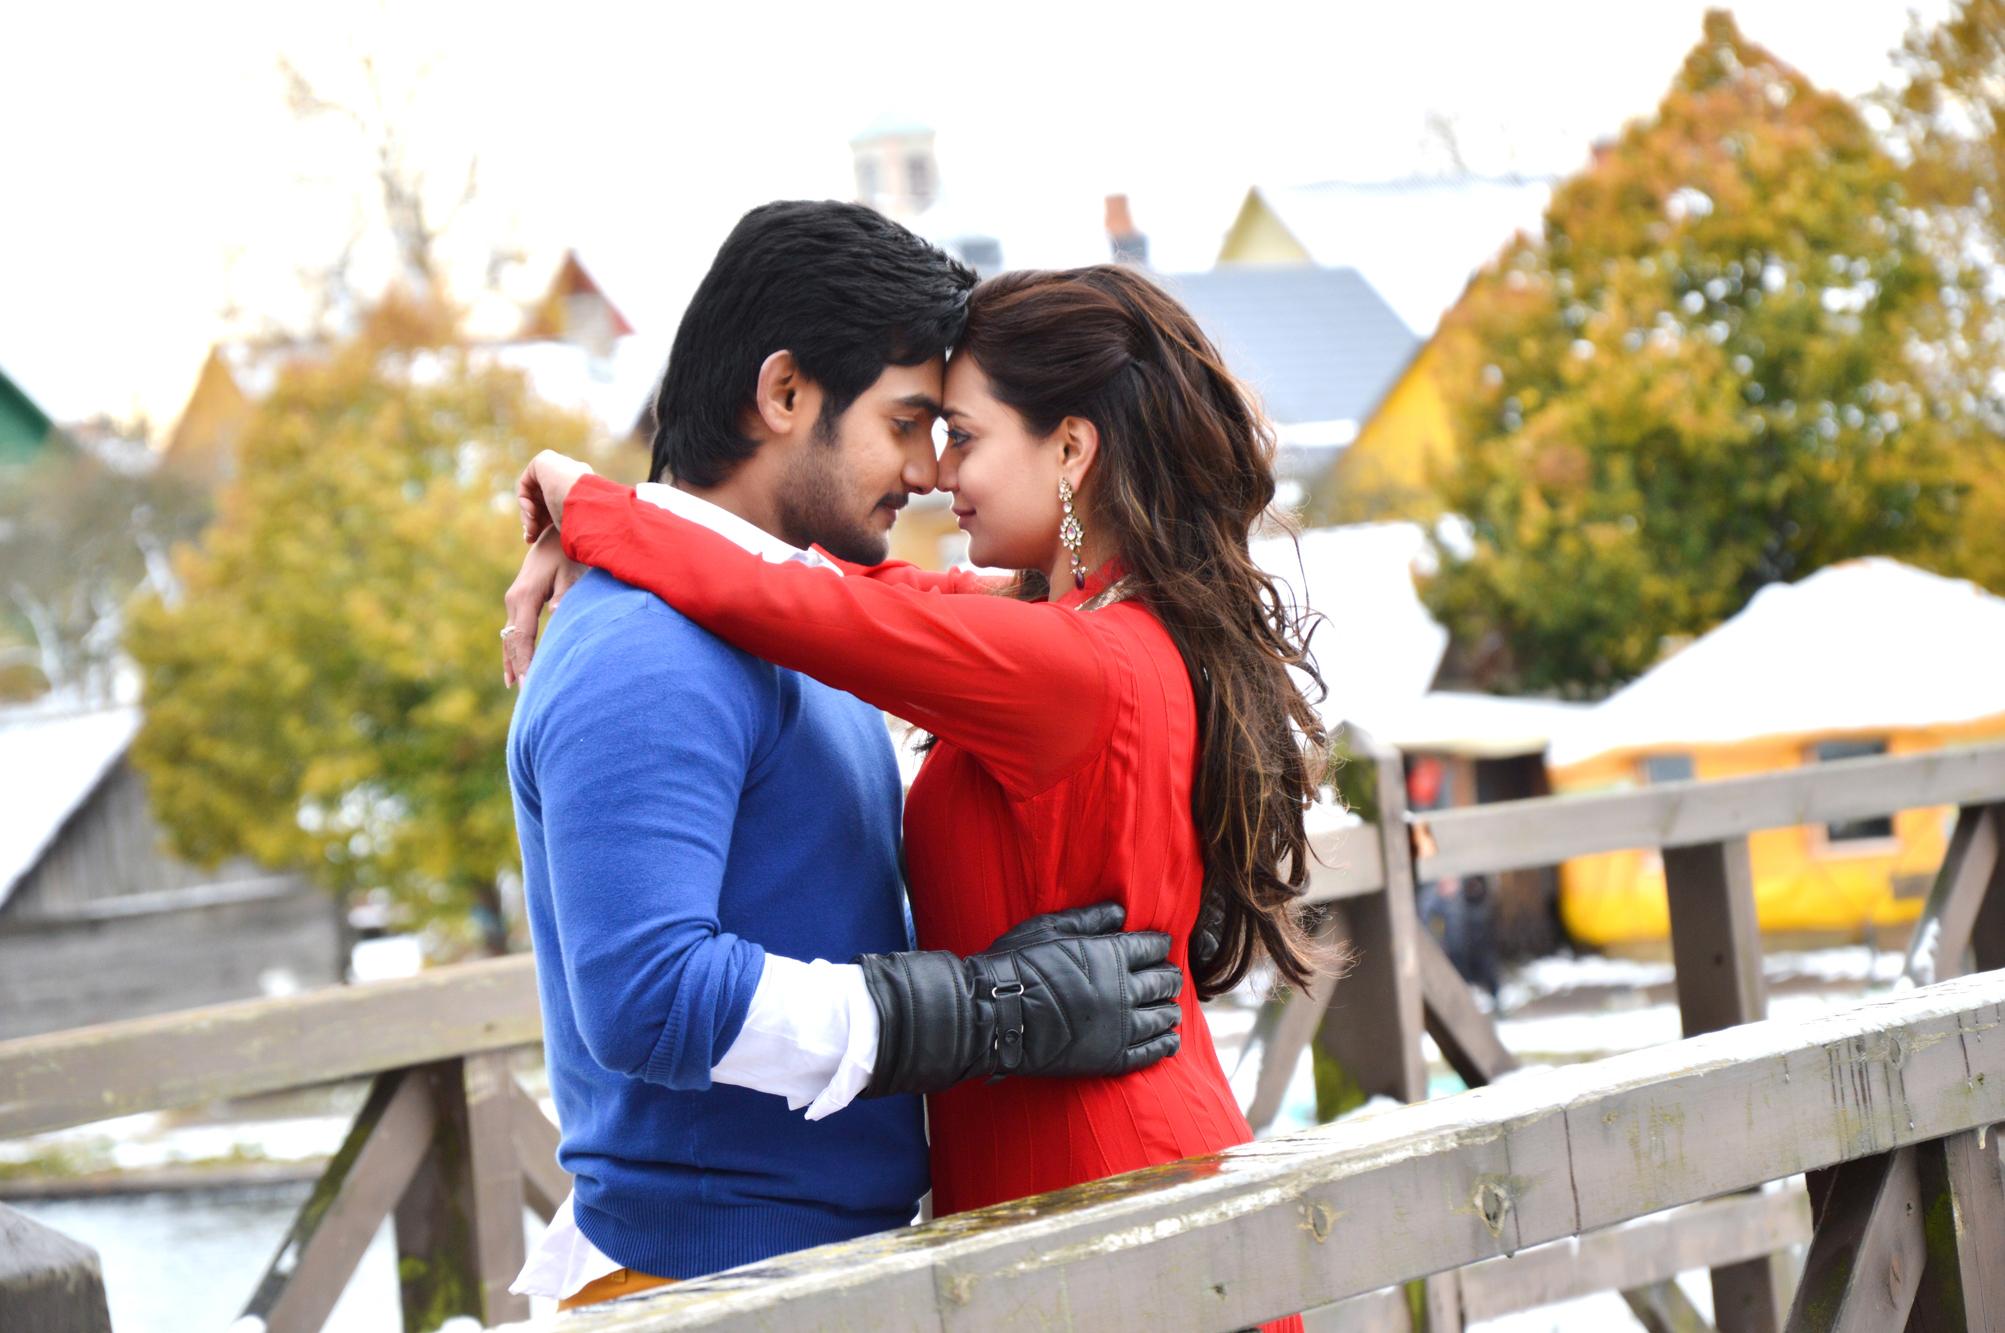 Aravind sametha telugu video 2018 songs ntr new movie all songs.